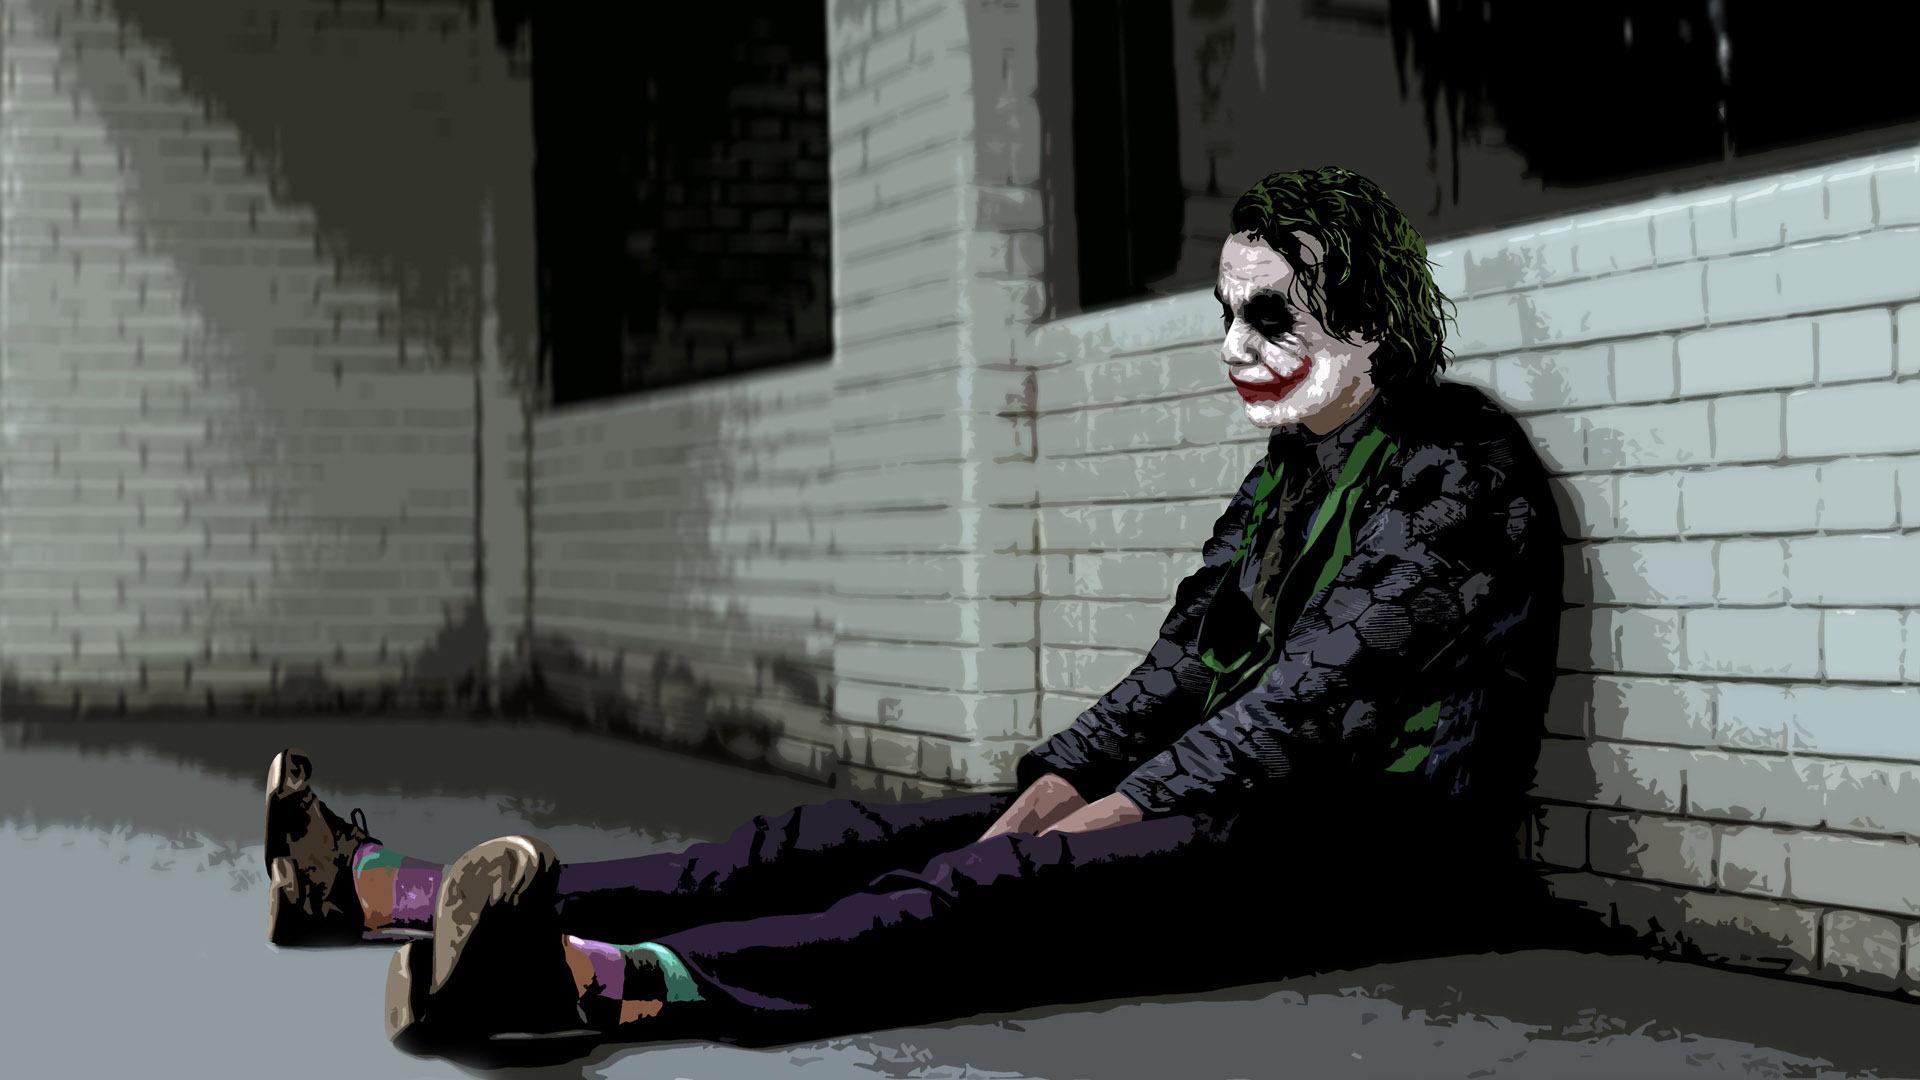 Joker Dark Knight Wallpaper - WallpaperSafari